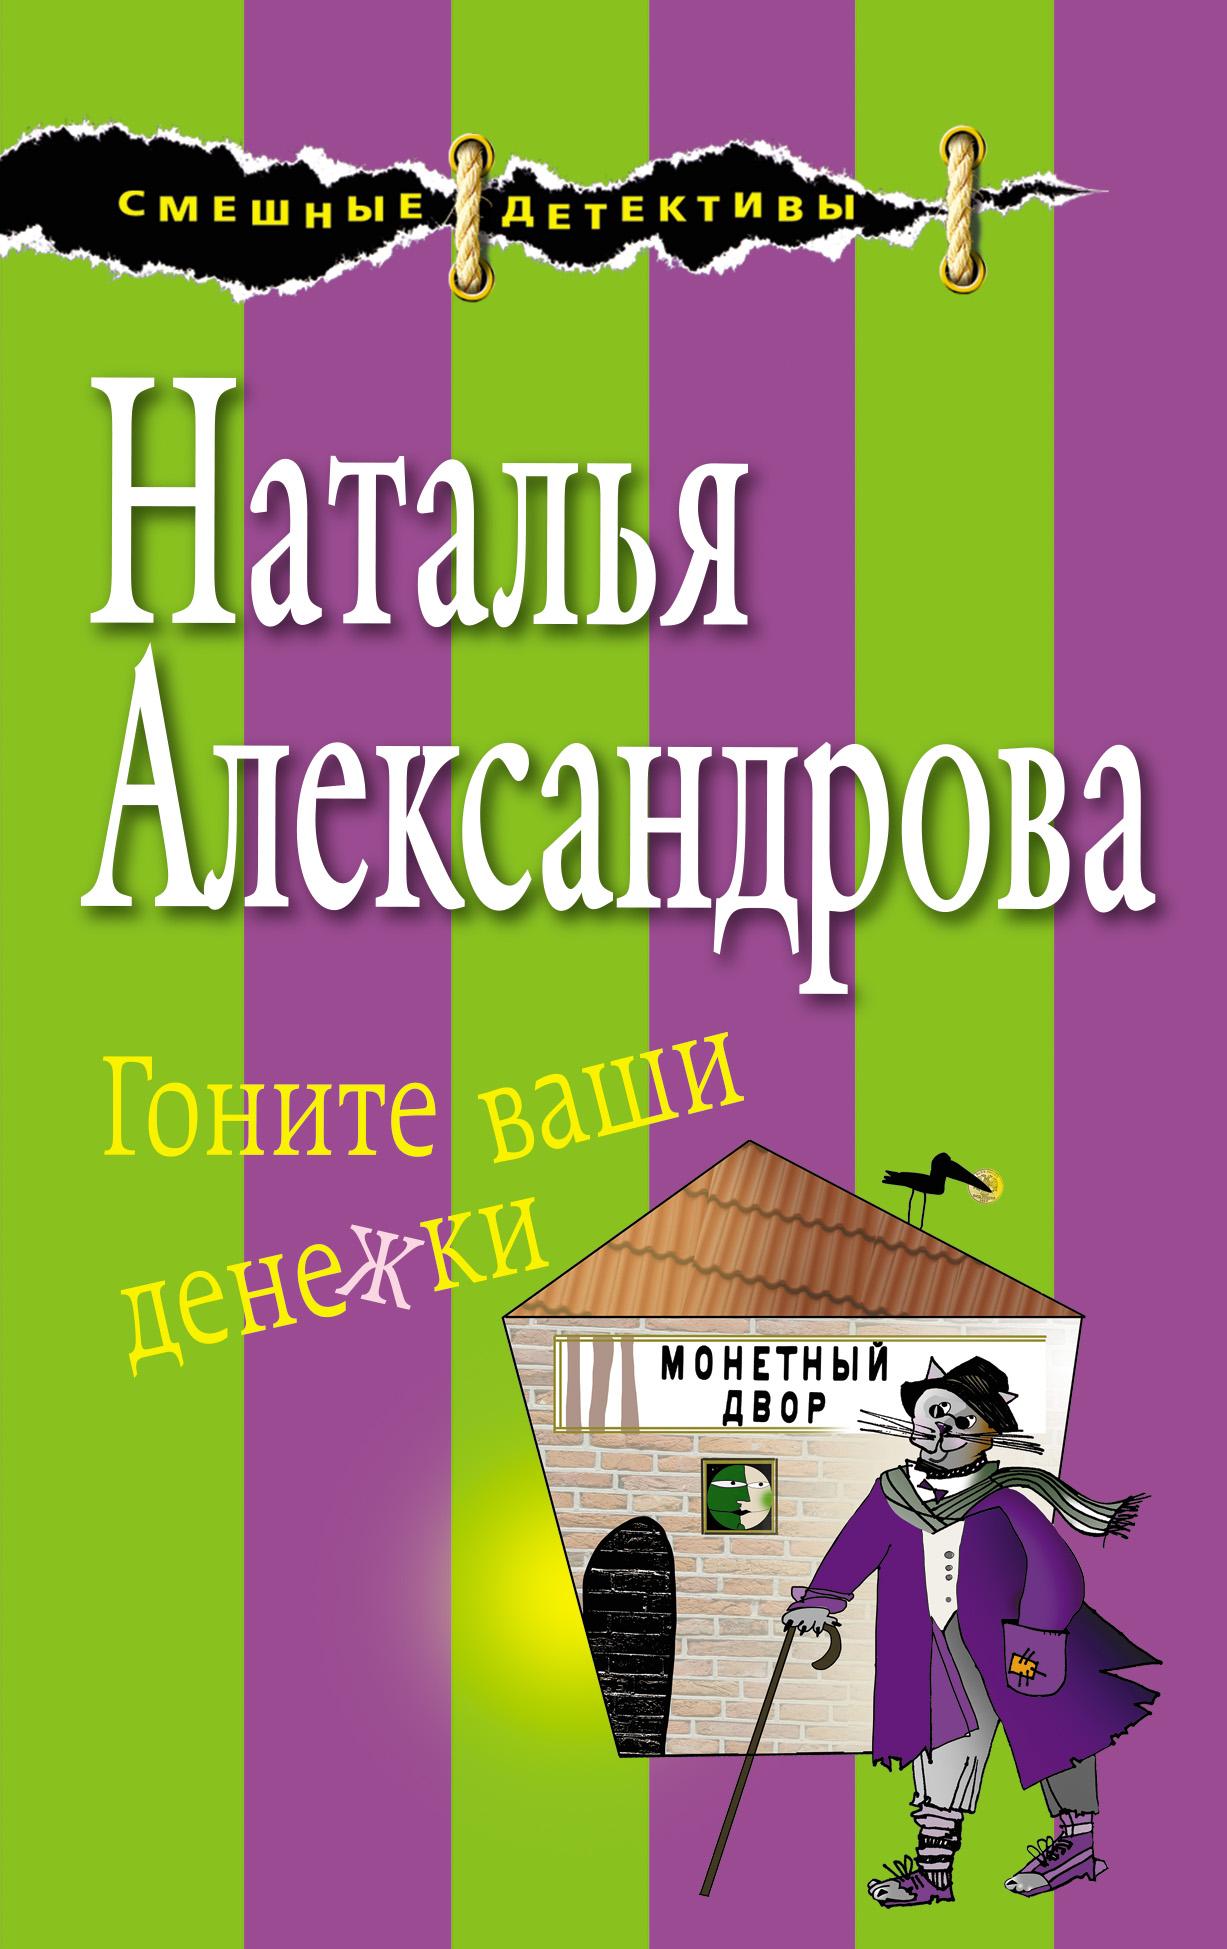 Наталья Александрова Гоните ваши денежки александрова н гоните ваши денежки isbn 9785040898084